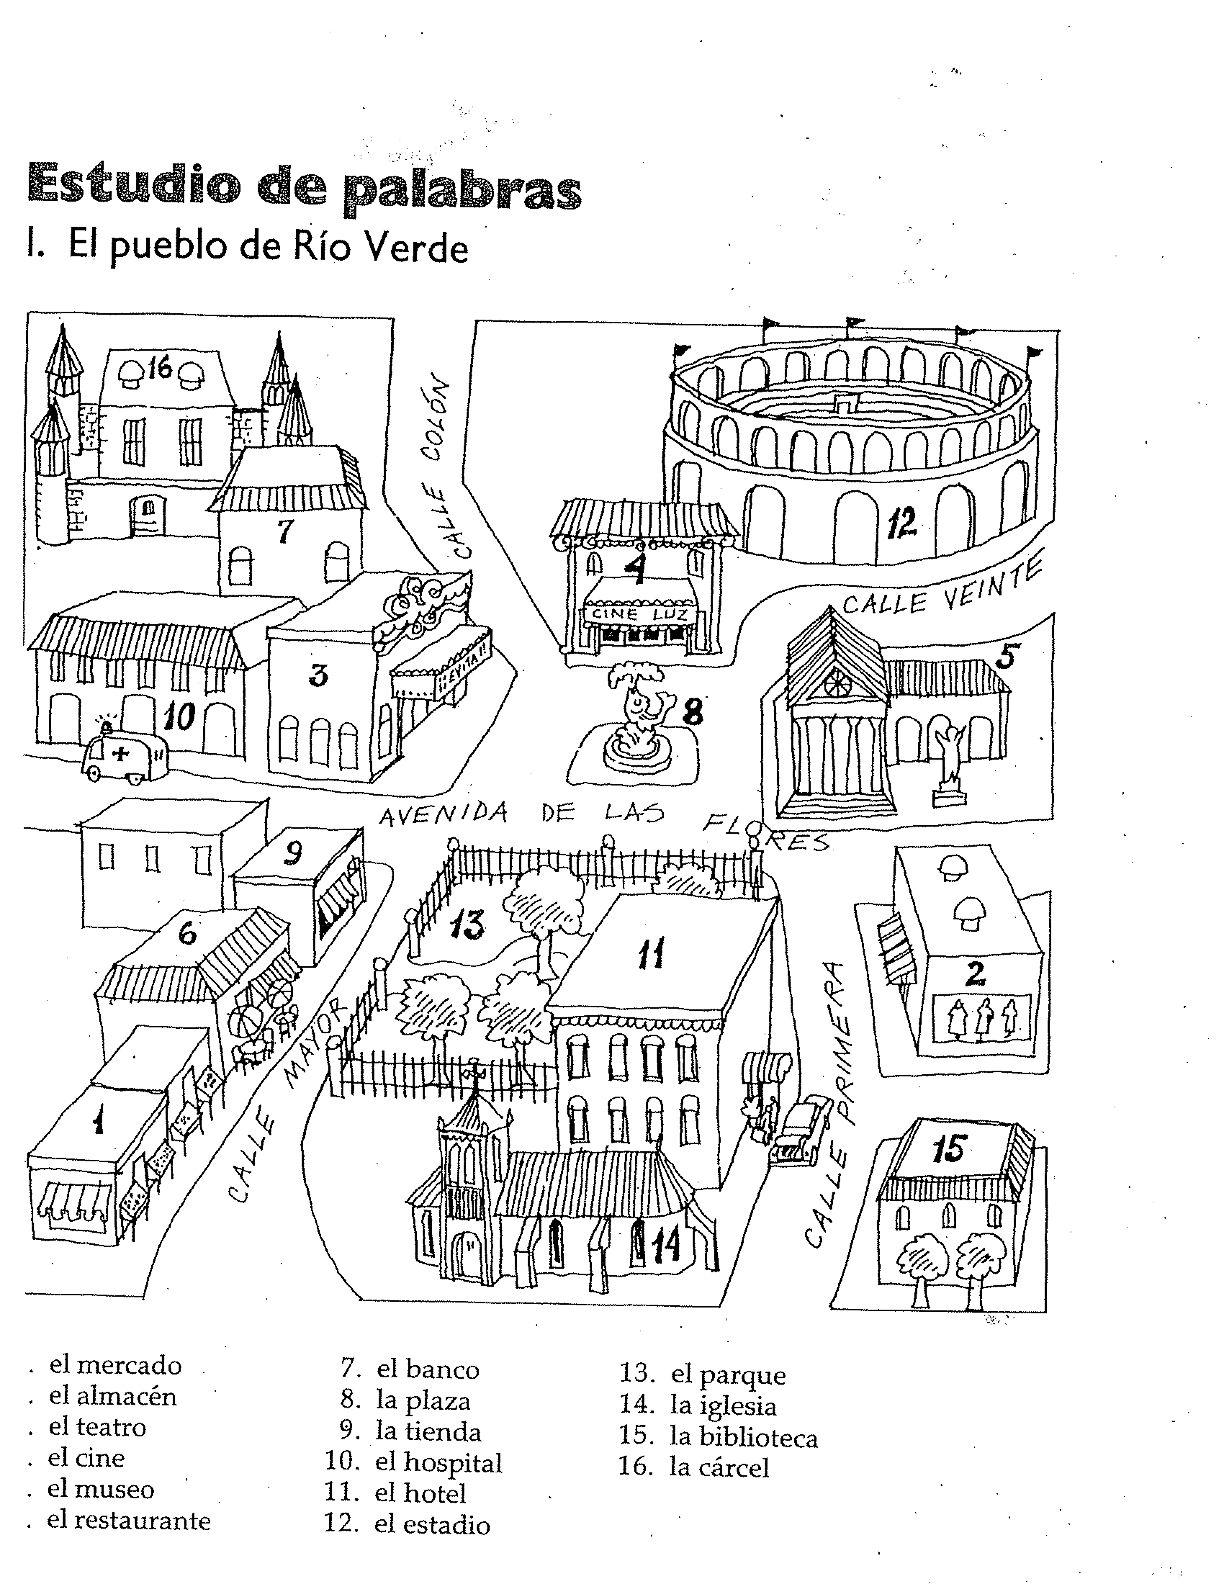 Image Result For Estudio De Palabras El Pueblo De Rio